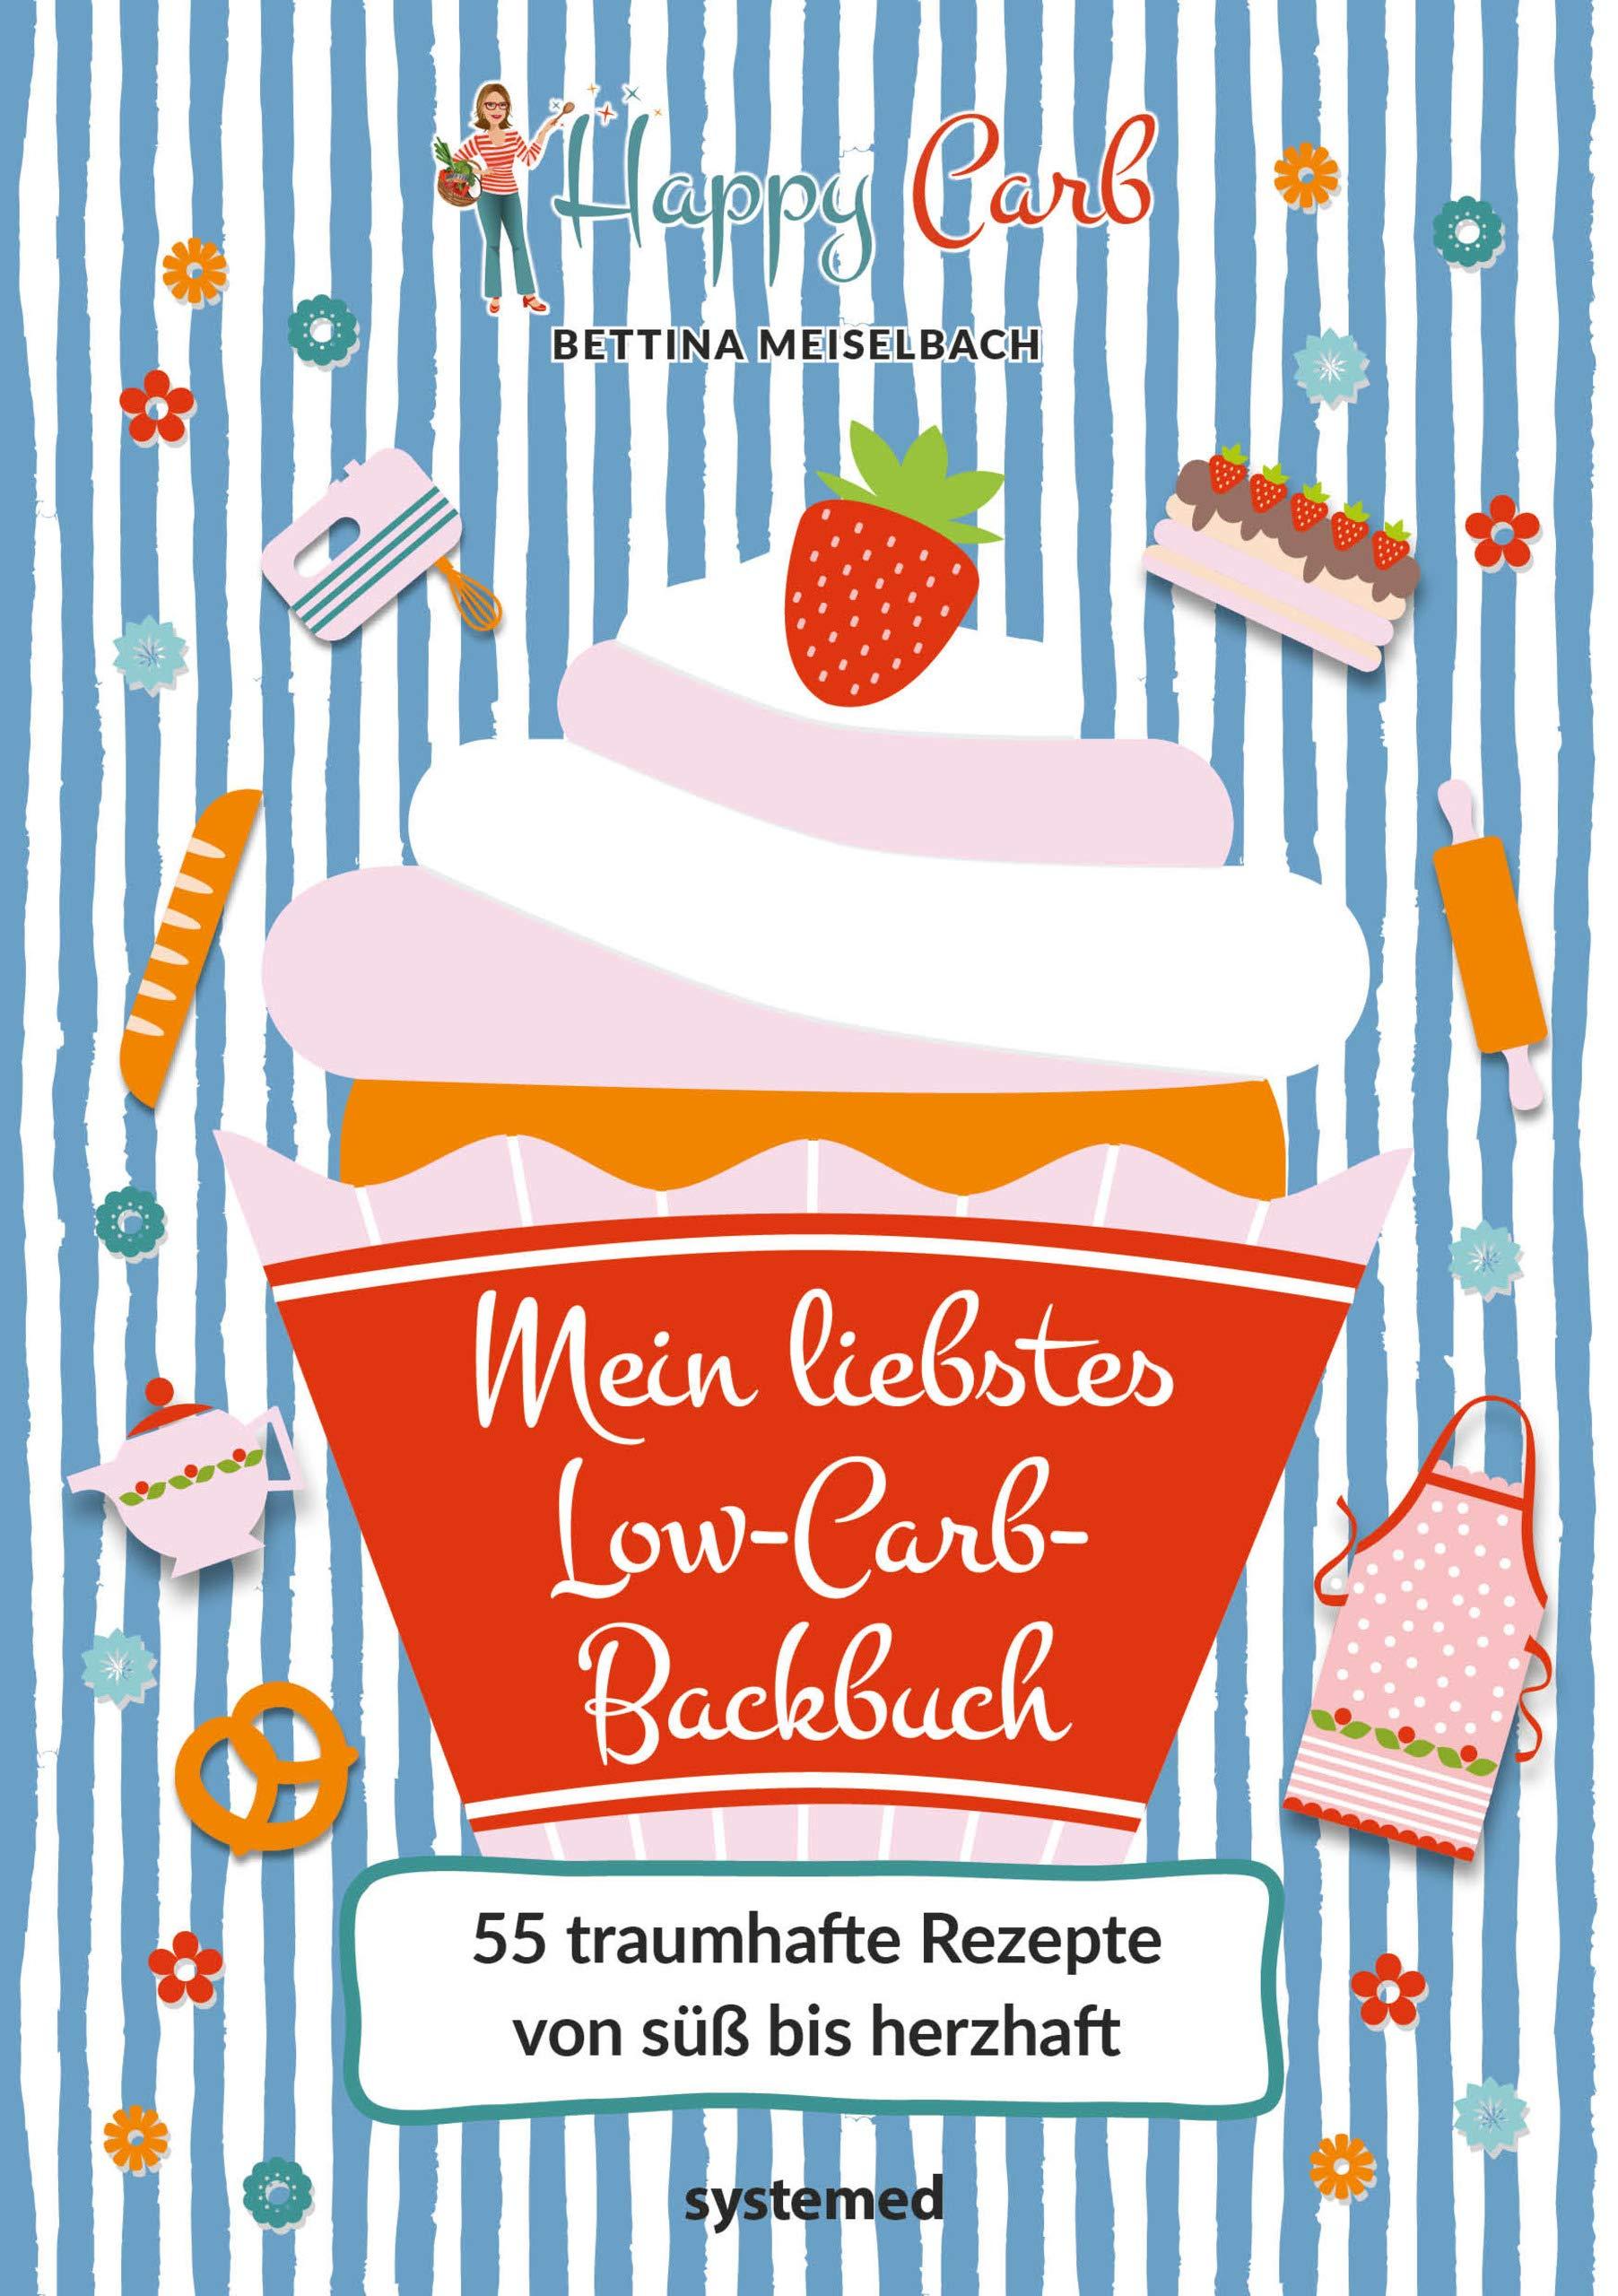 Happy Carb  Mein Liebstes Low Carb Backbuch  55 Traumhafte Rezepte Von Süß Bis Herzhaft